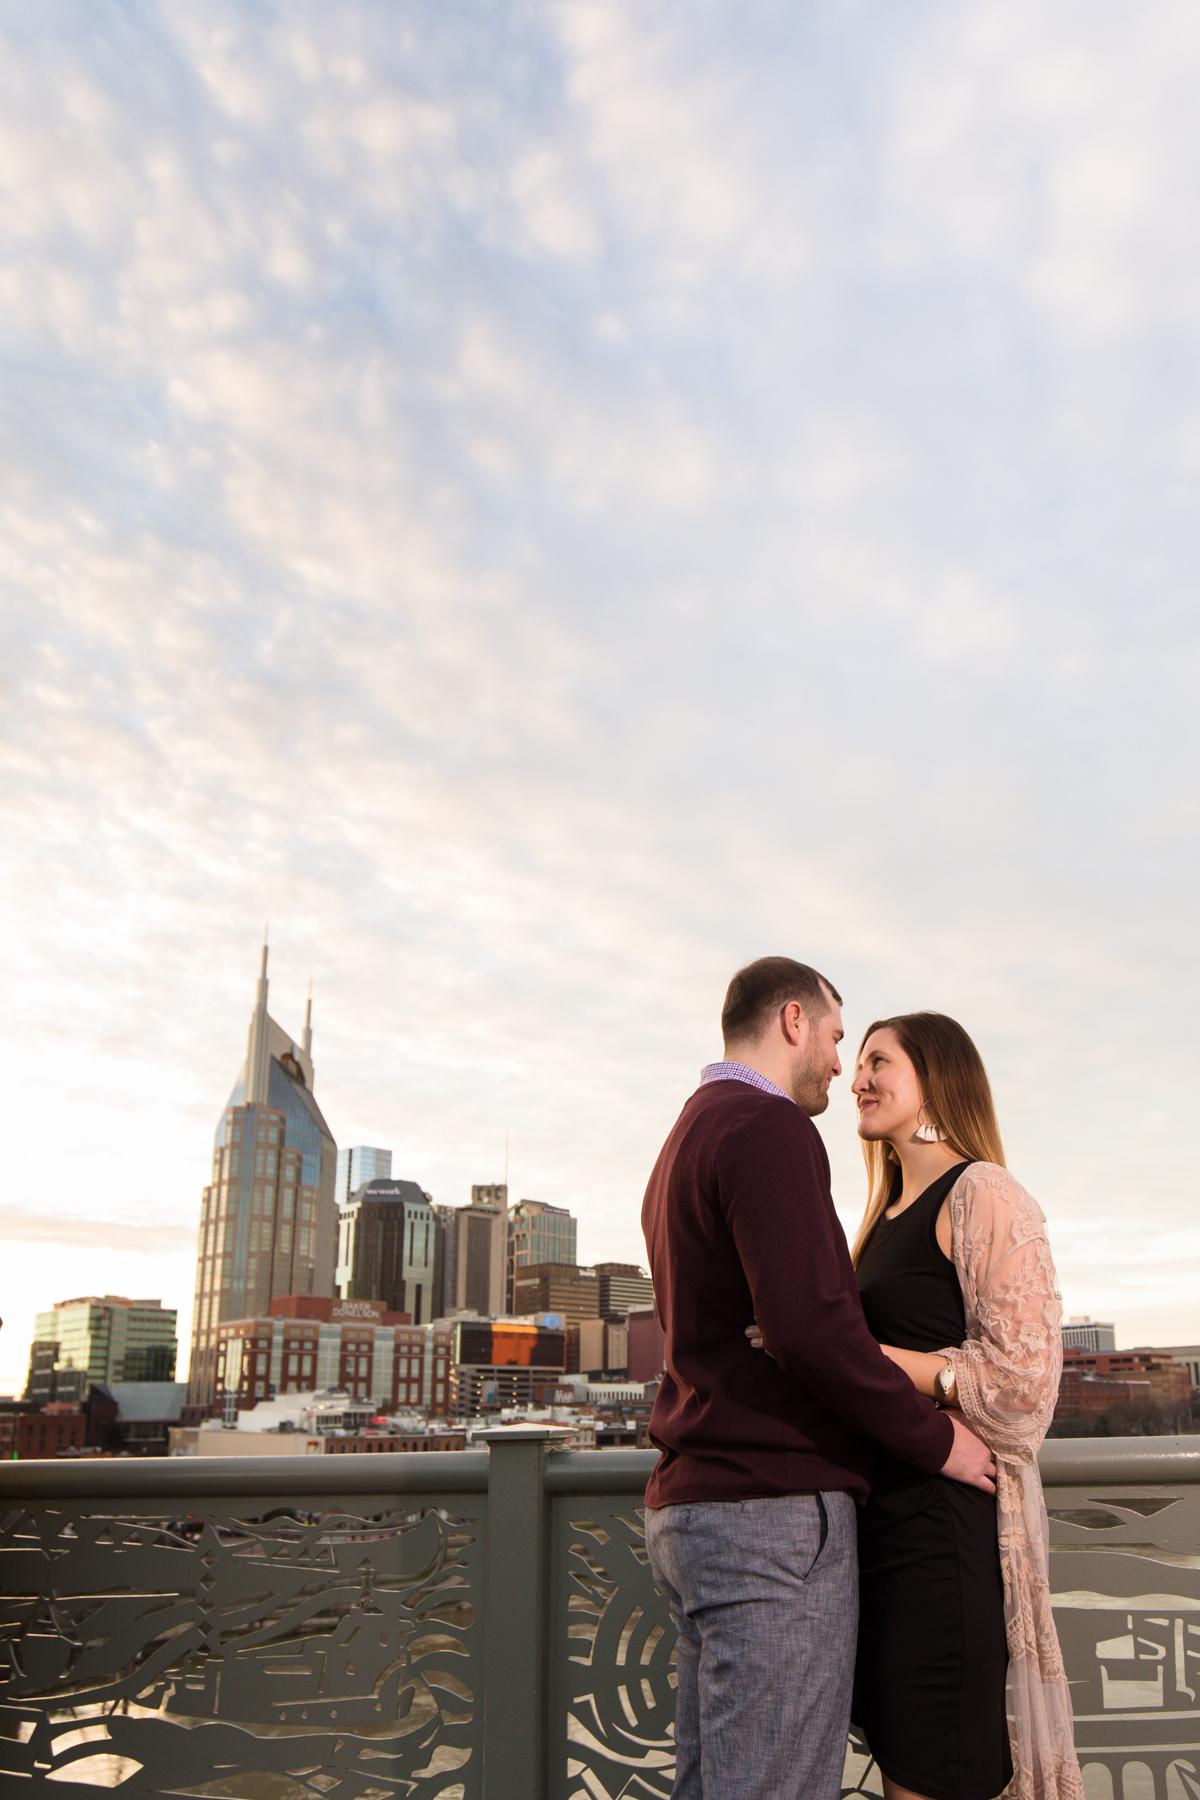 Lauren-and-Grant-Engagement-Centennial-Park-Nashville-Sneak-Peak-0057.jpg